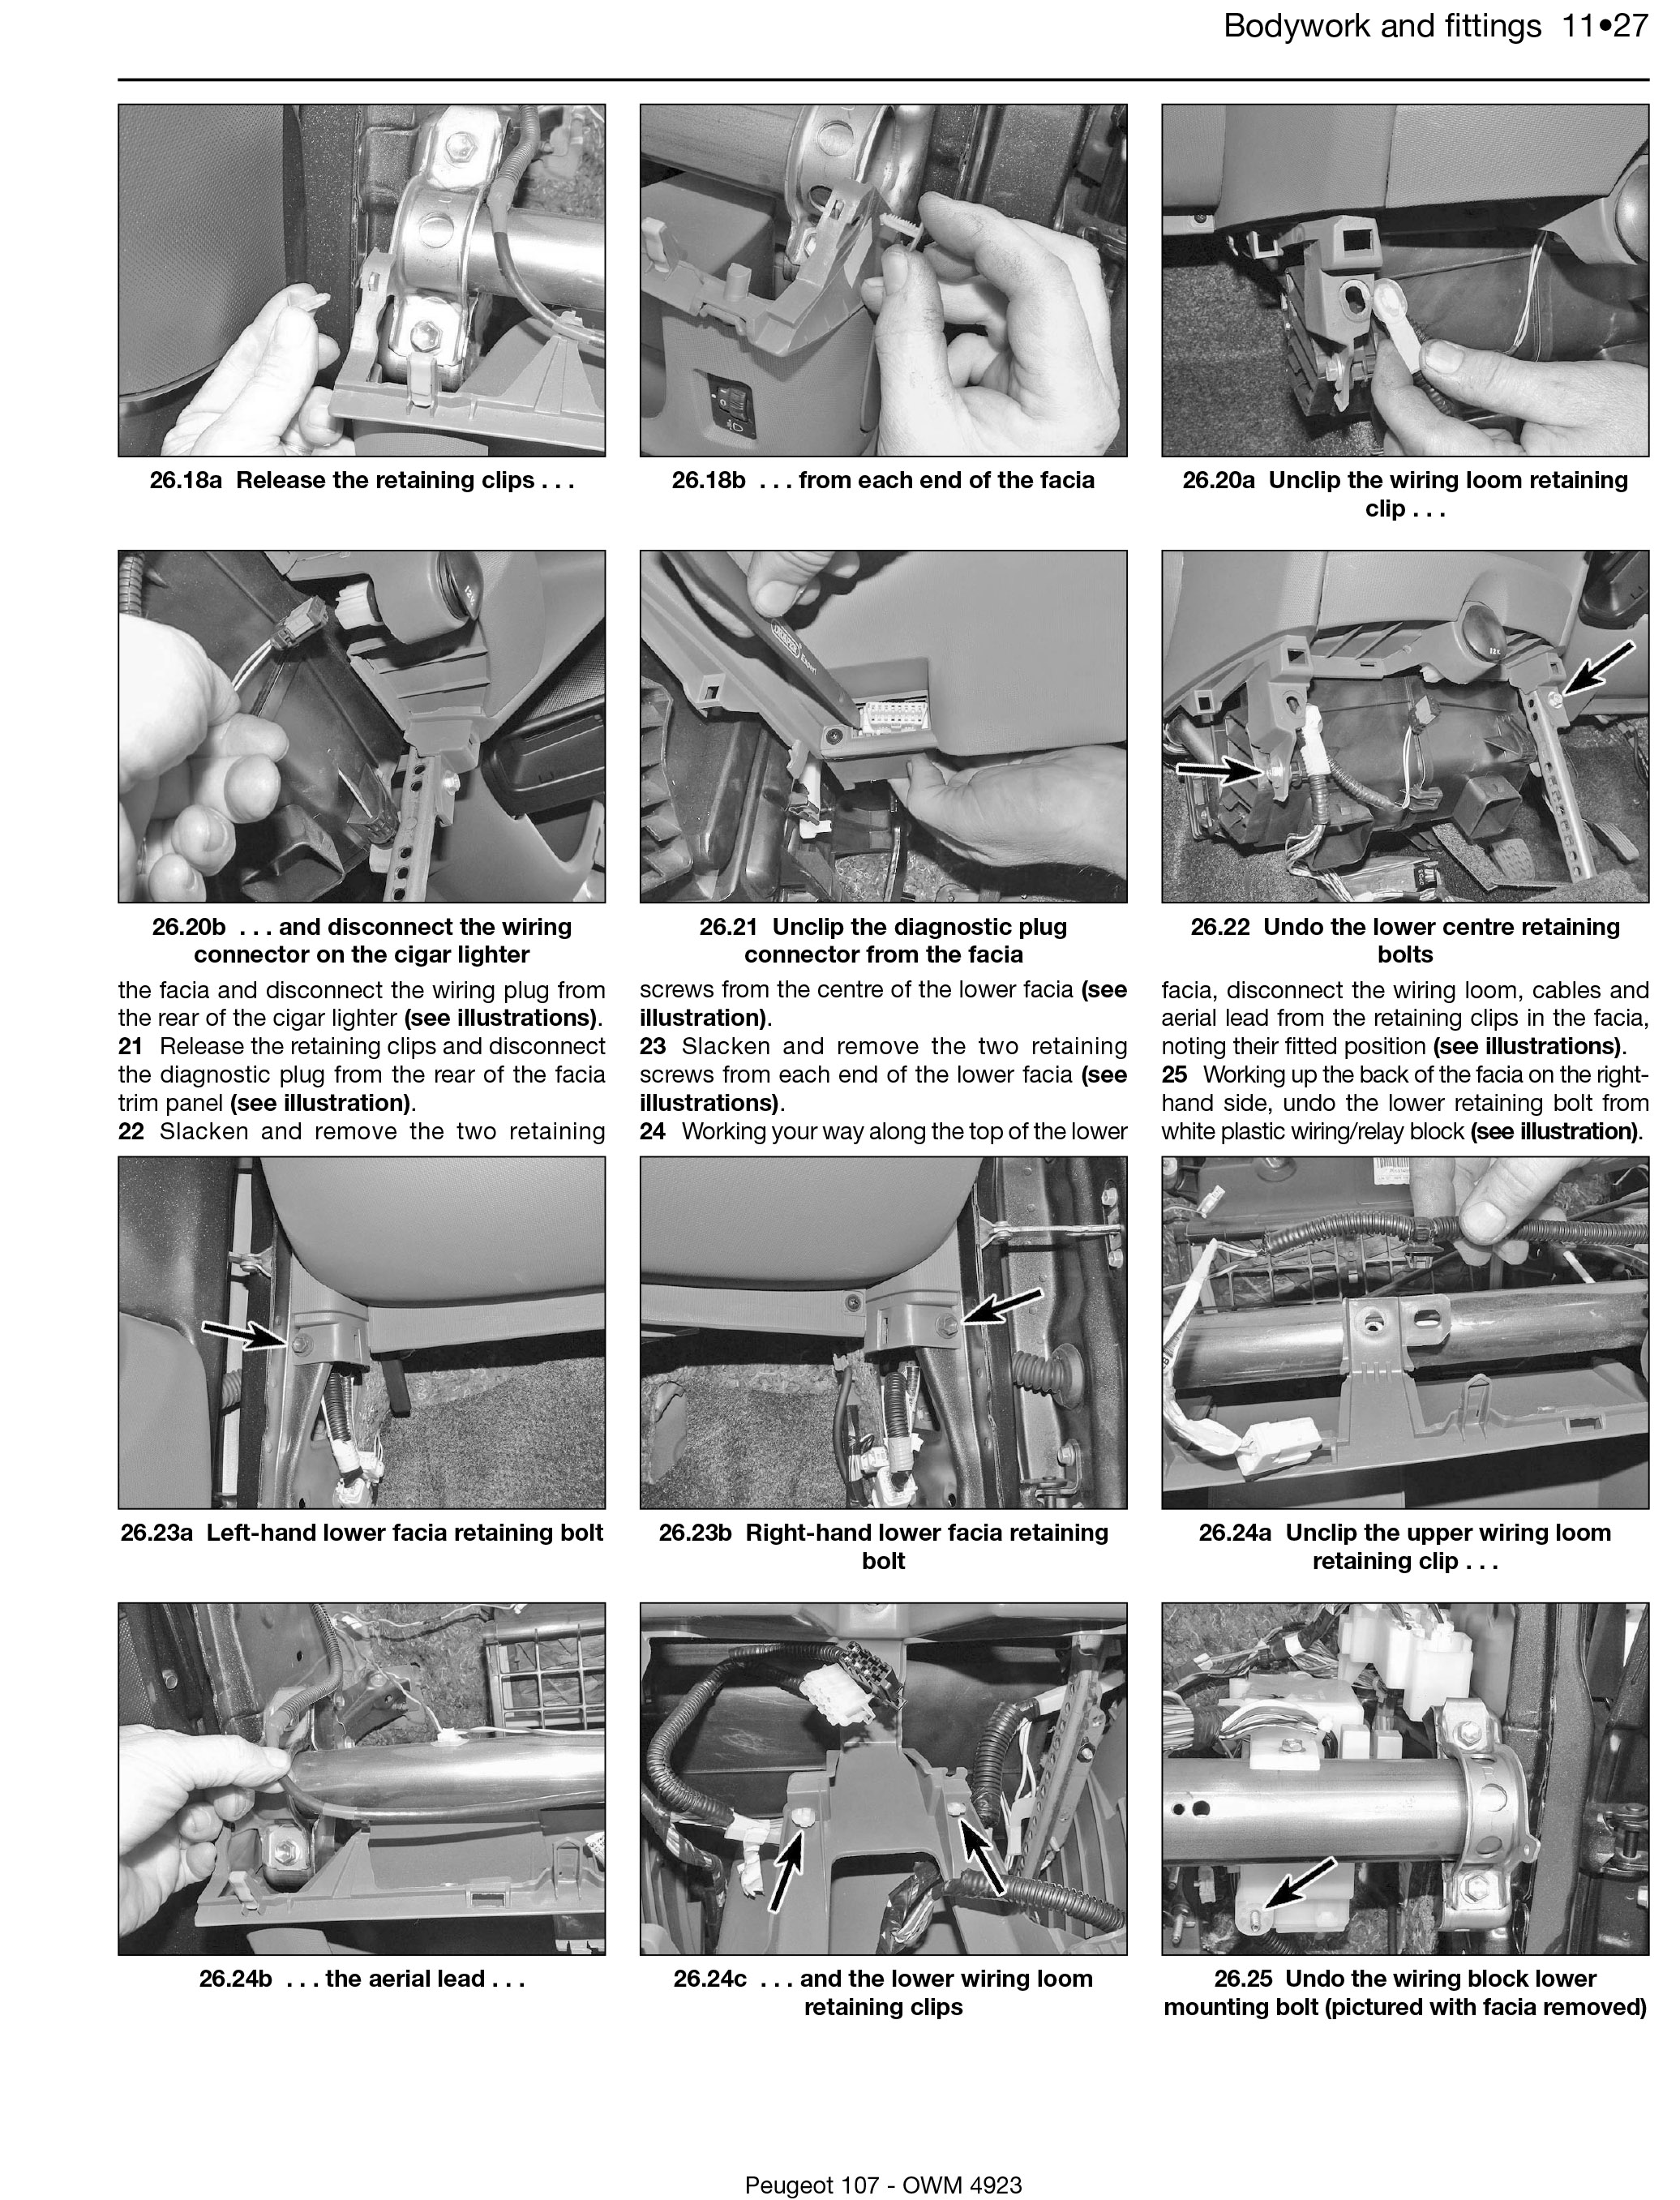 peugeot 107 petrol 05 11 haynes repair manual haynes manuals rh haynes com peugeot 107 manuale d'uso peugeot 107 manual for sale